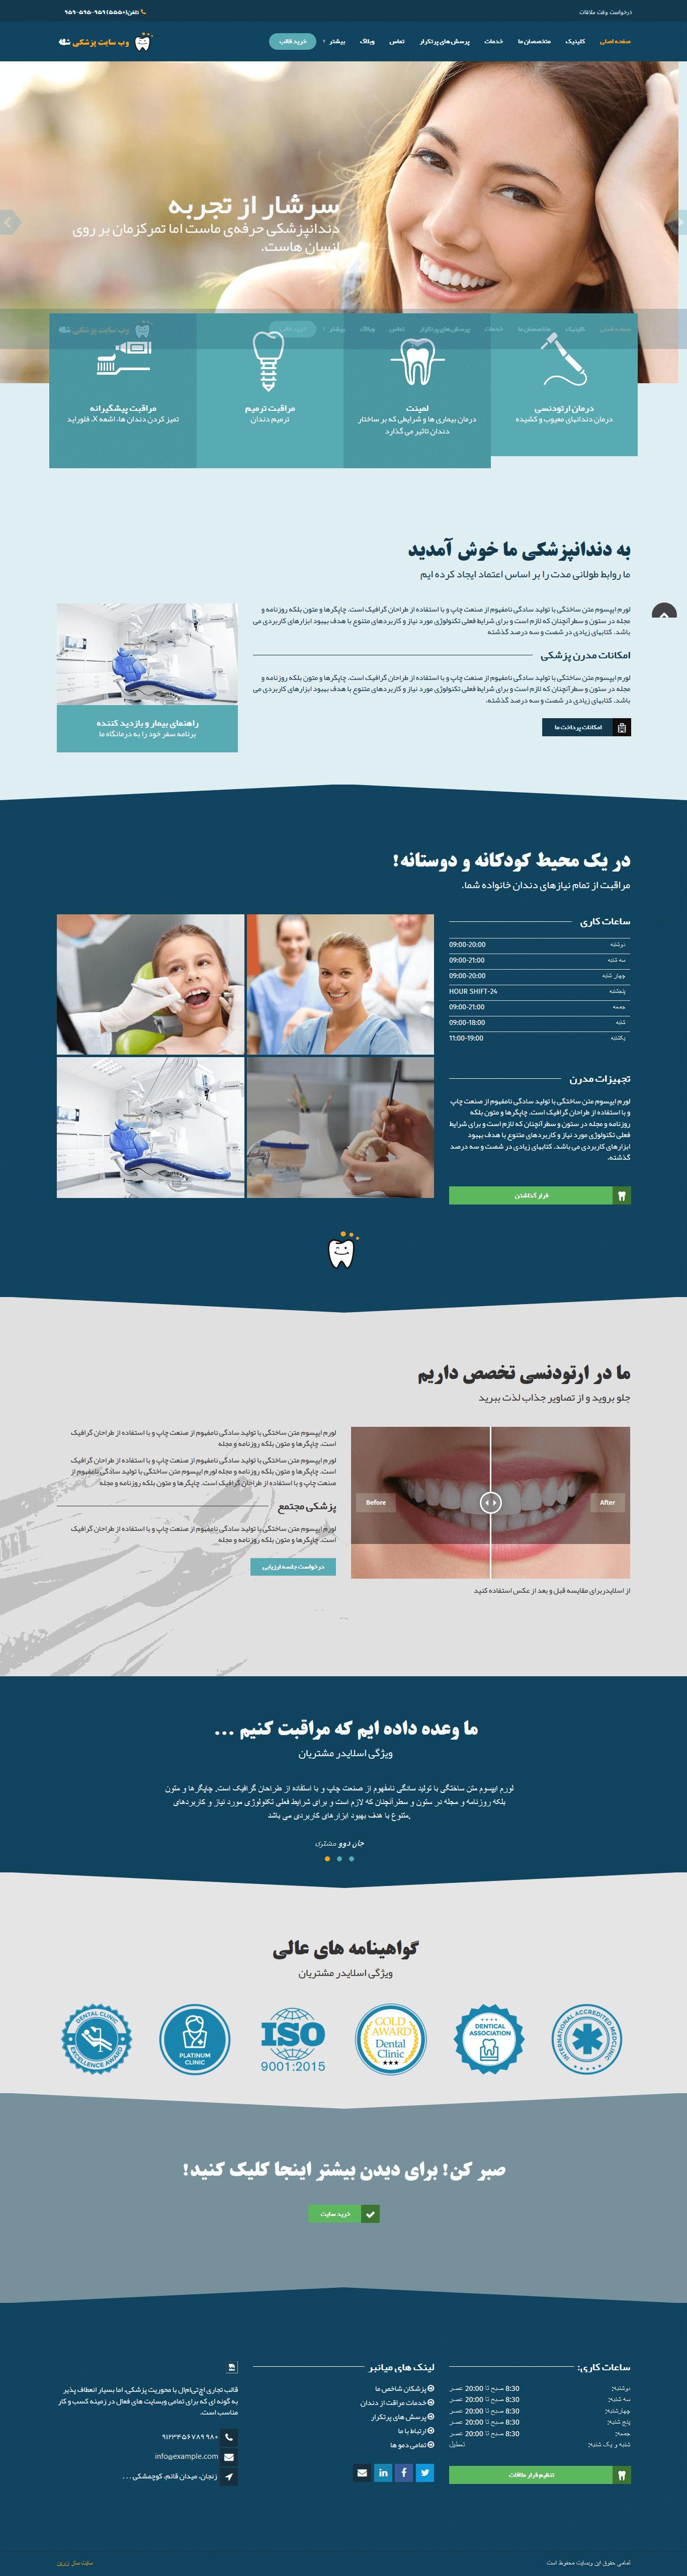 حالت دسکتاپ سایت پزشکی شفا